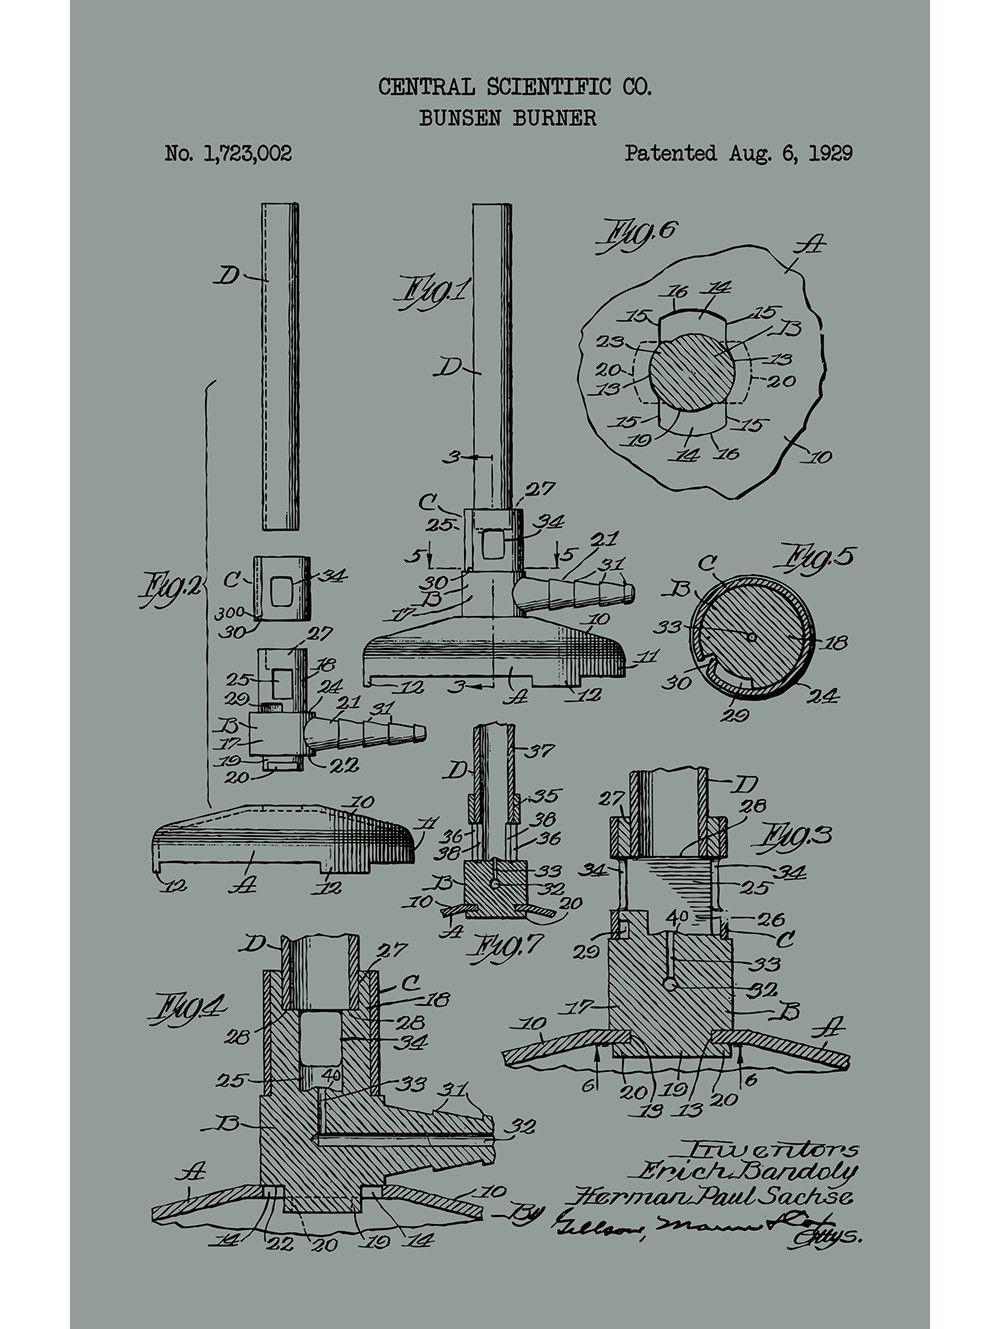 Bunsen Burner Central Scientific Co 1929 Bunsen Burner Order Prints White Ink